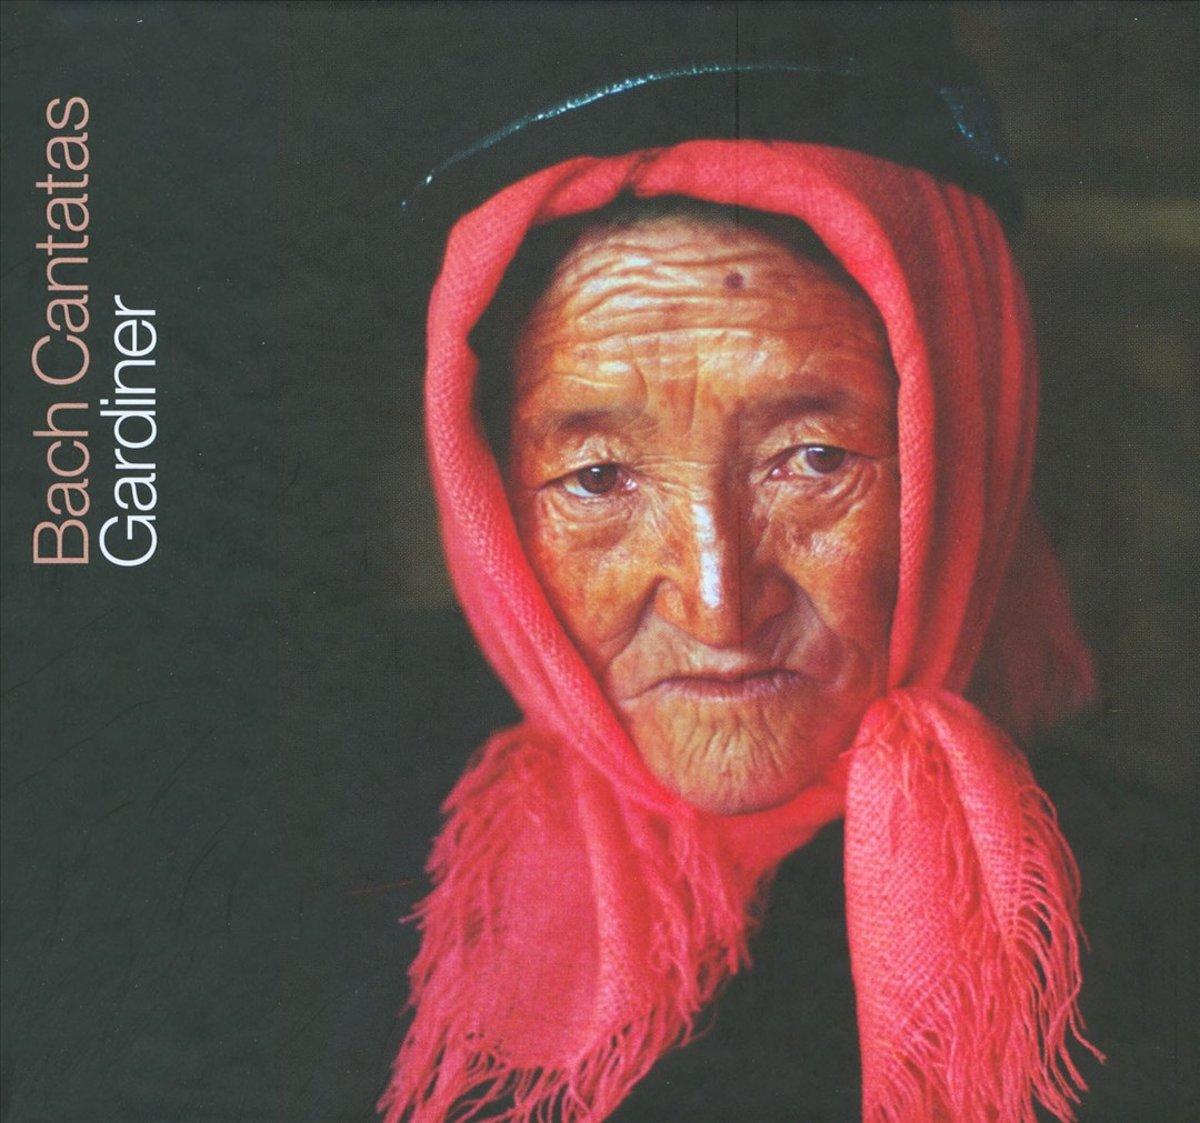 Cantatas Vol. 4 kopen